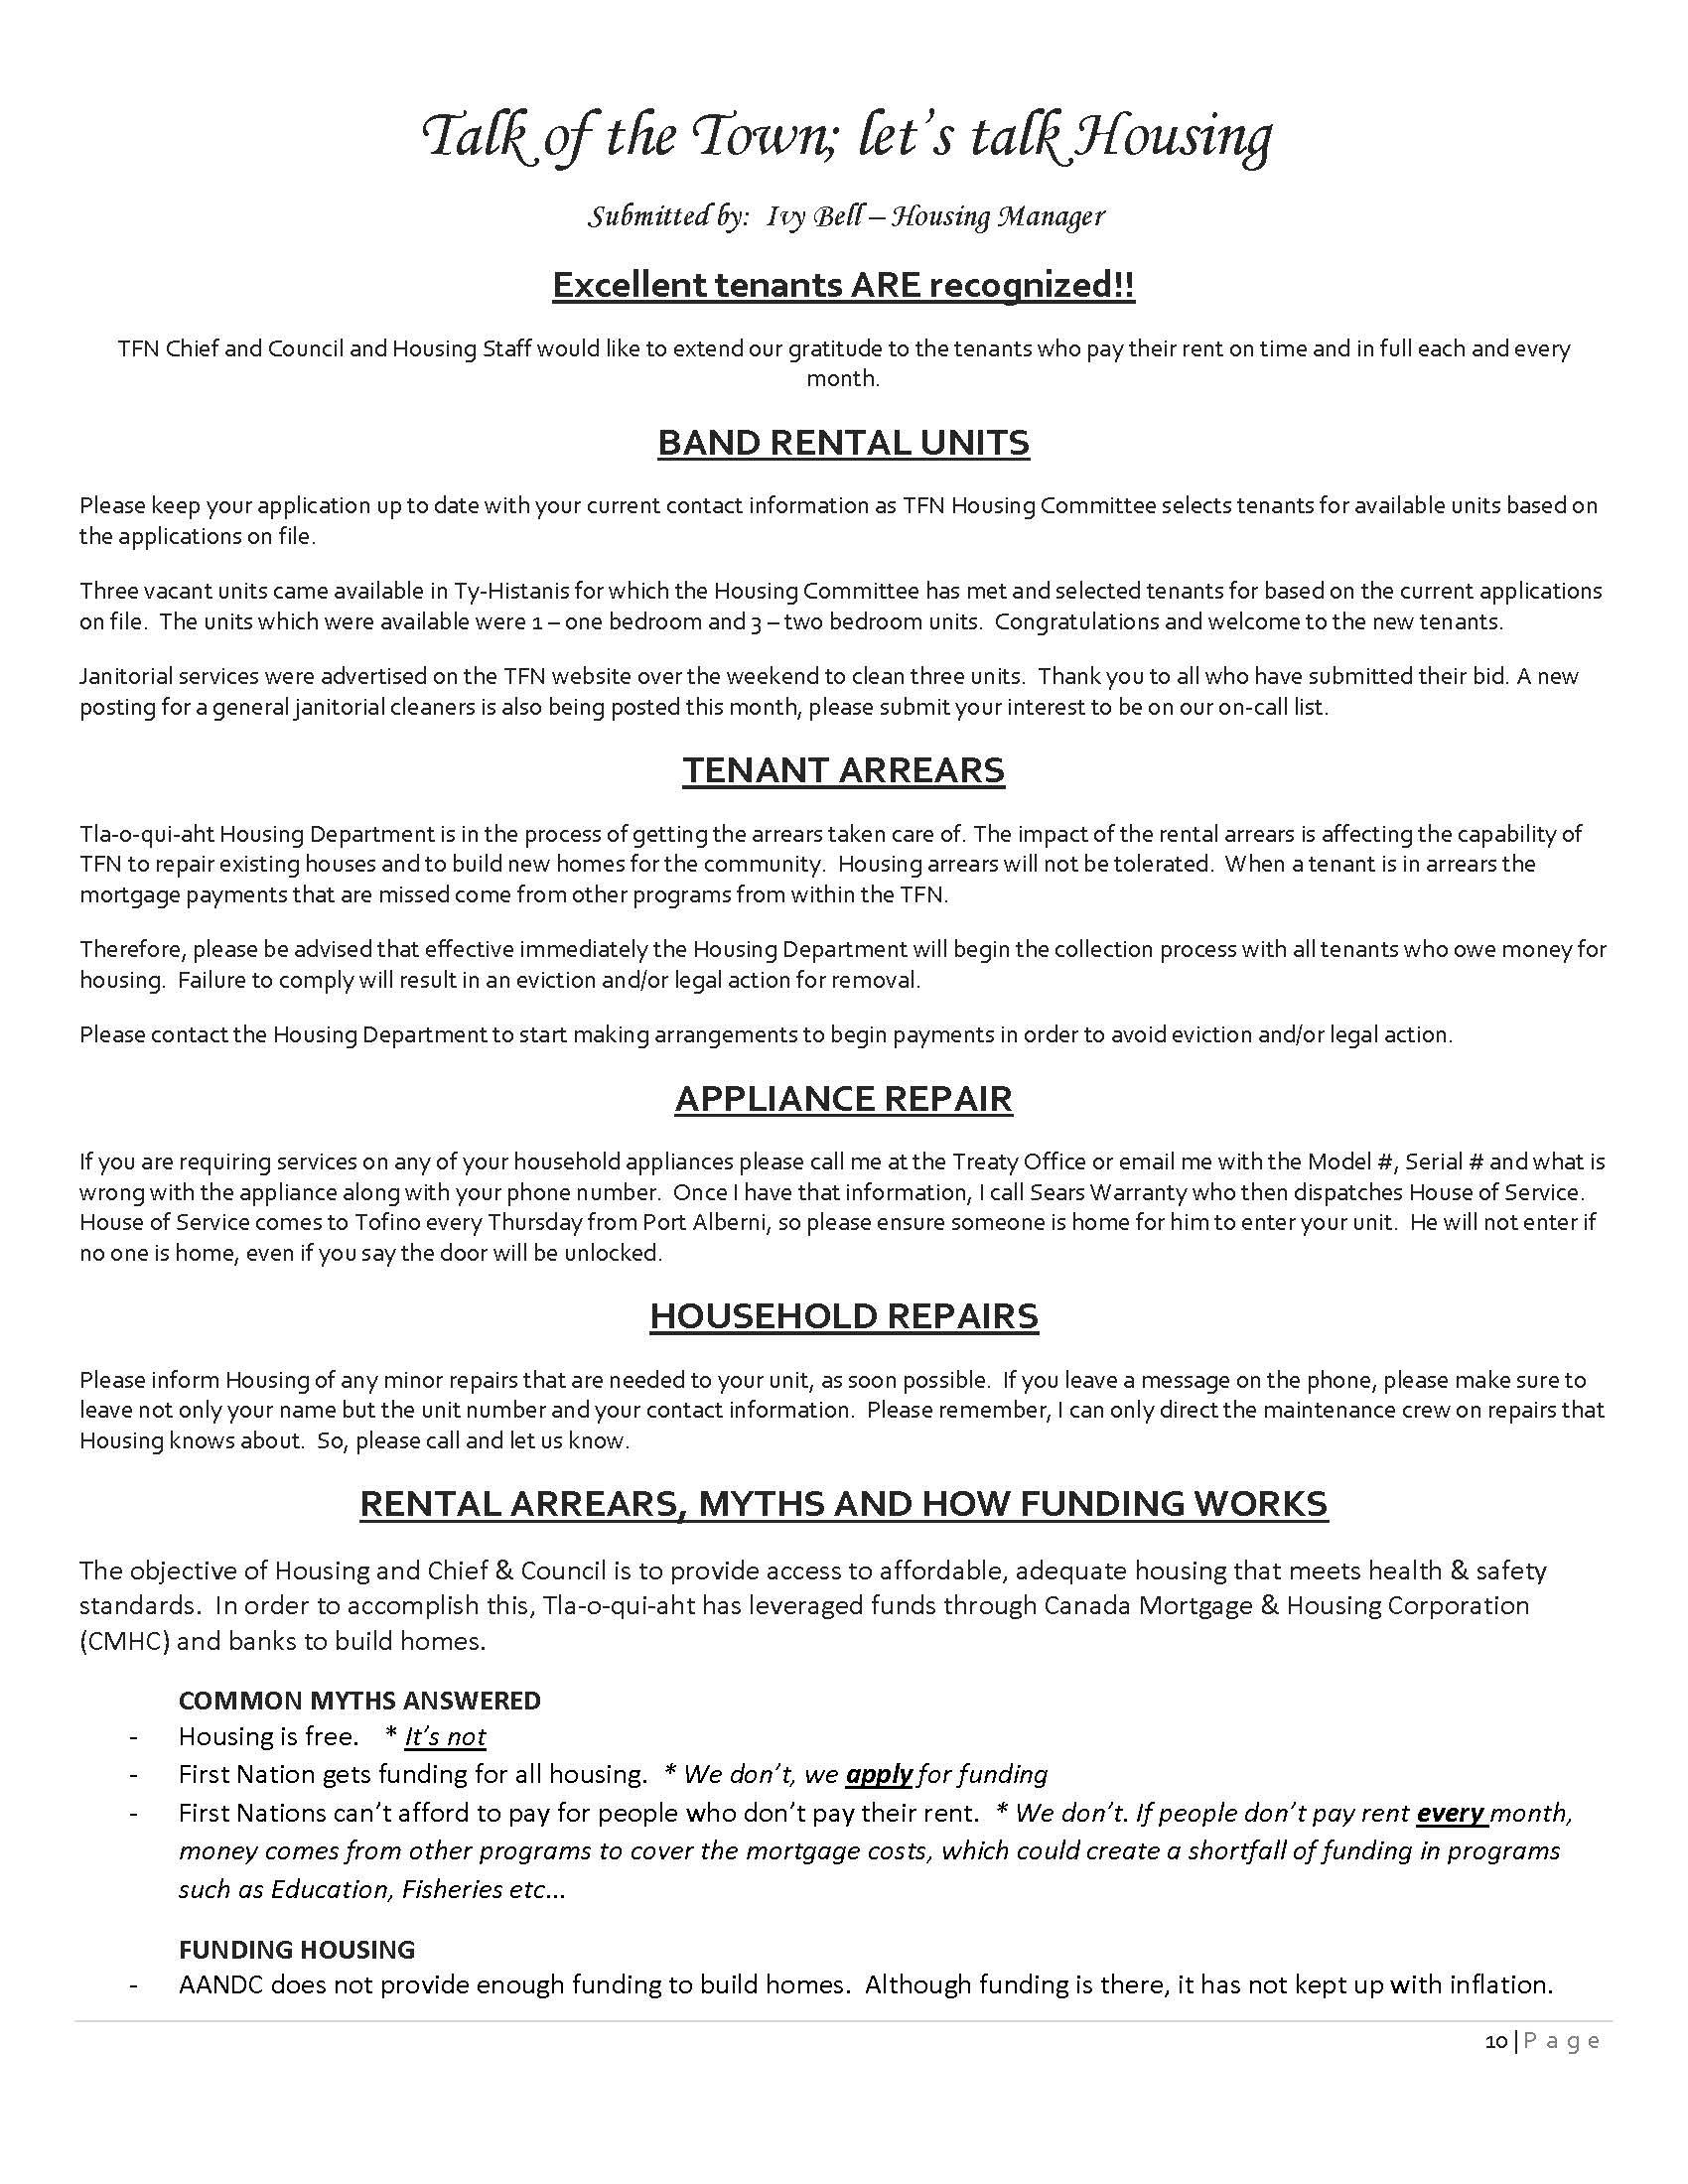 TFN Bulletin Dec 01 2016 (3)_Page_10.jpg